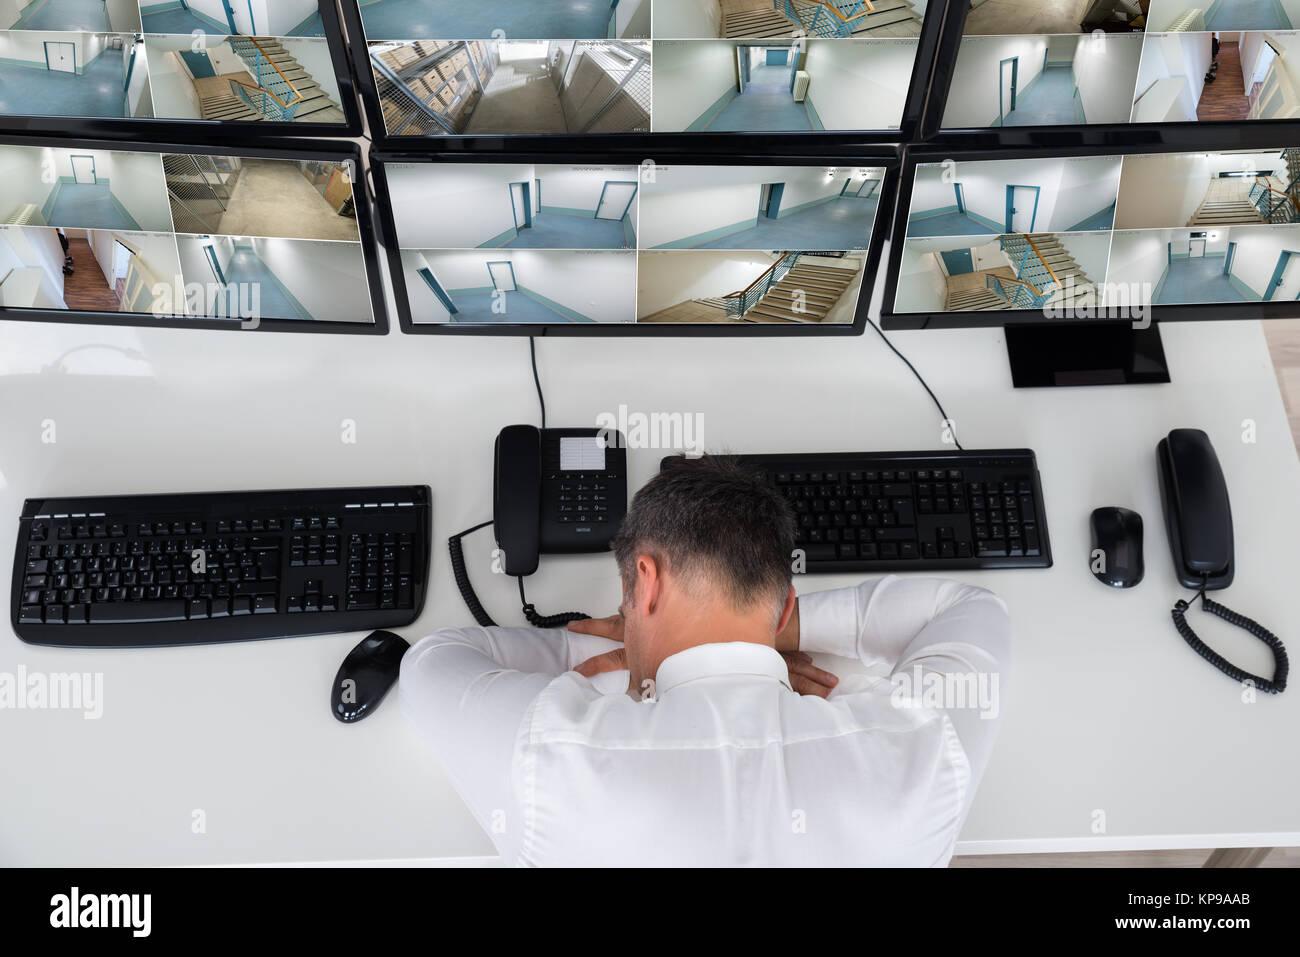 Mnnliche Fahrer Schlafen Whrend Lehnte Sich Auf Der Security Monitor Schreibtisch